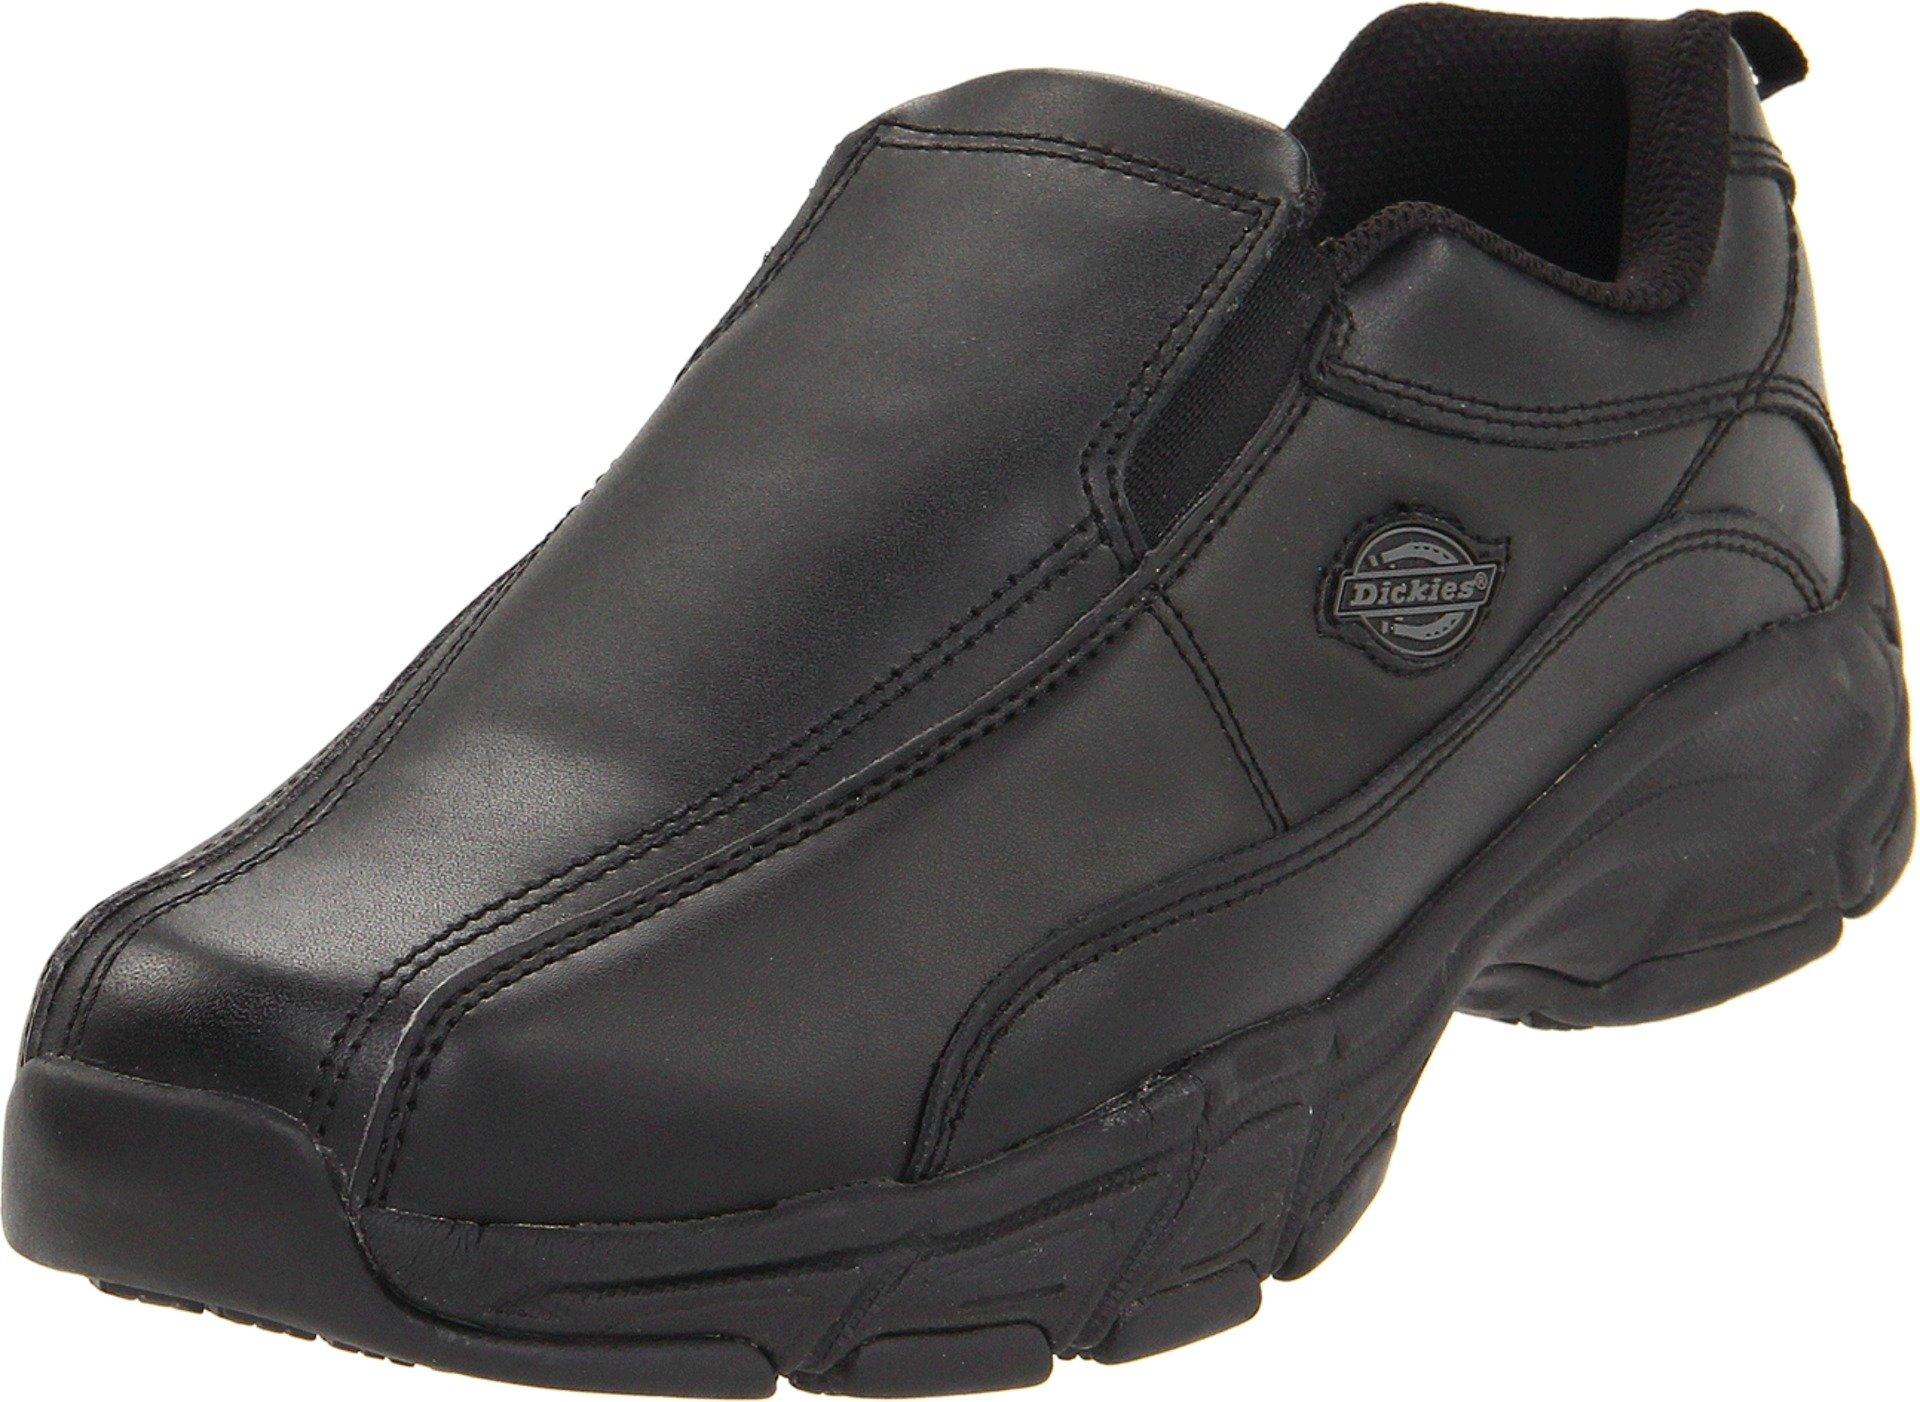 Dickies Men's Athletic Slip-On Work Shoe,Black,10.5 M US by dickies